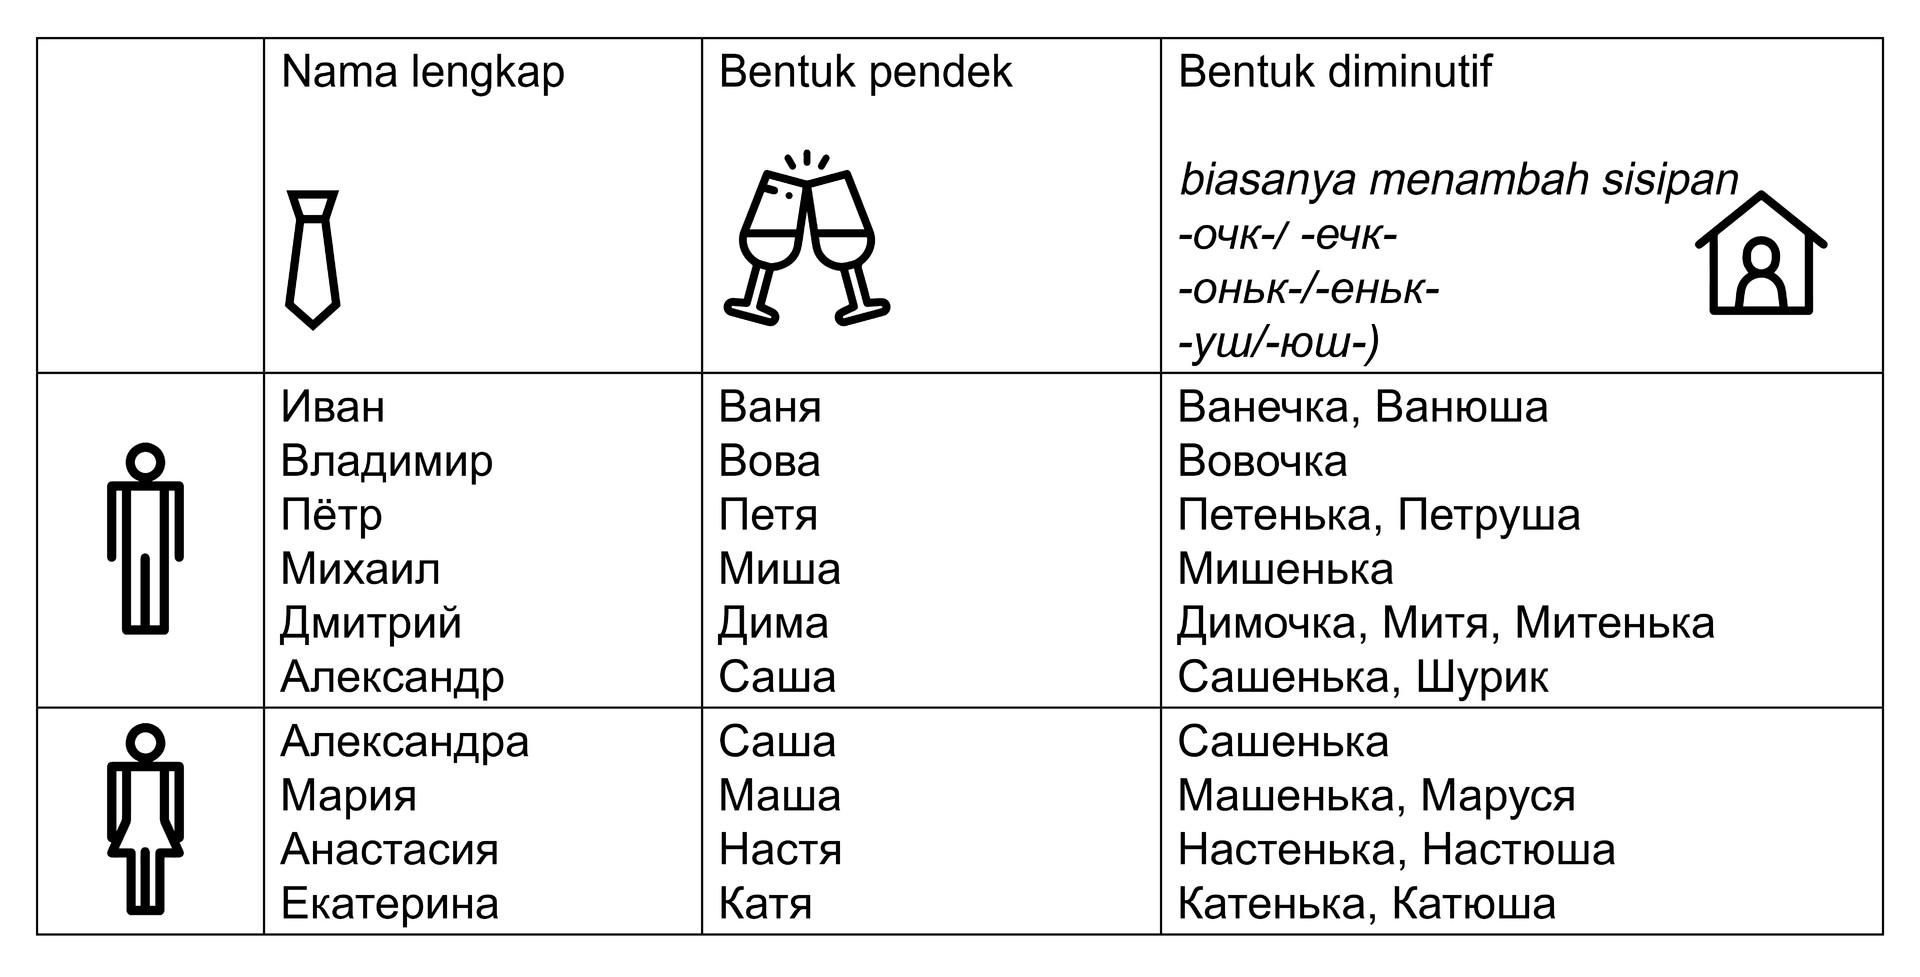 Tabel 2. Nama lengkap dan variasinya